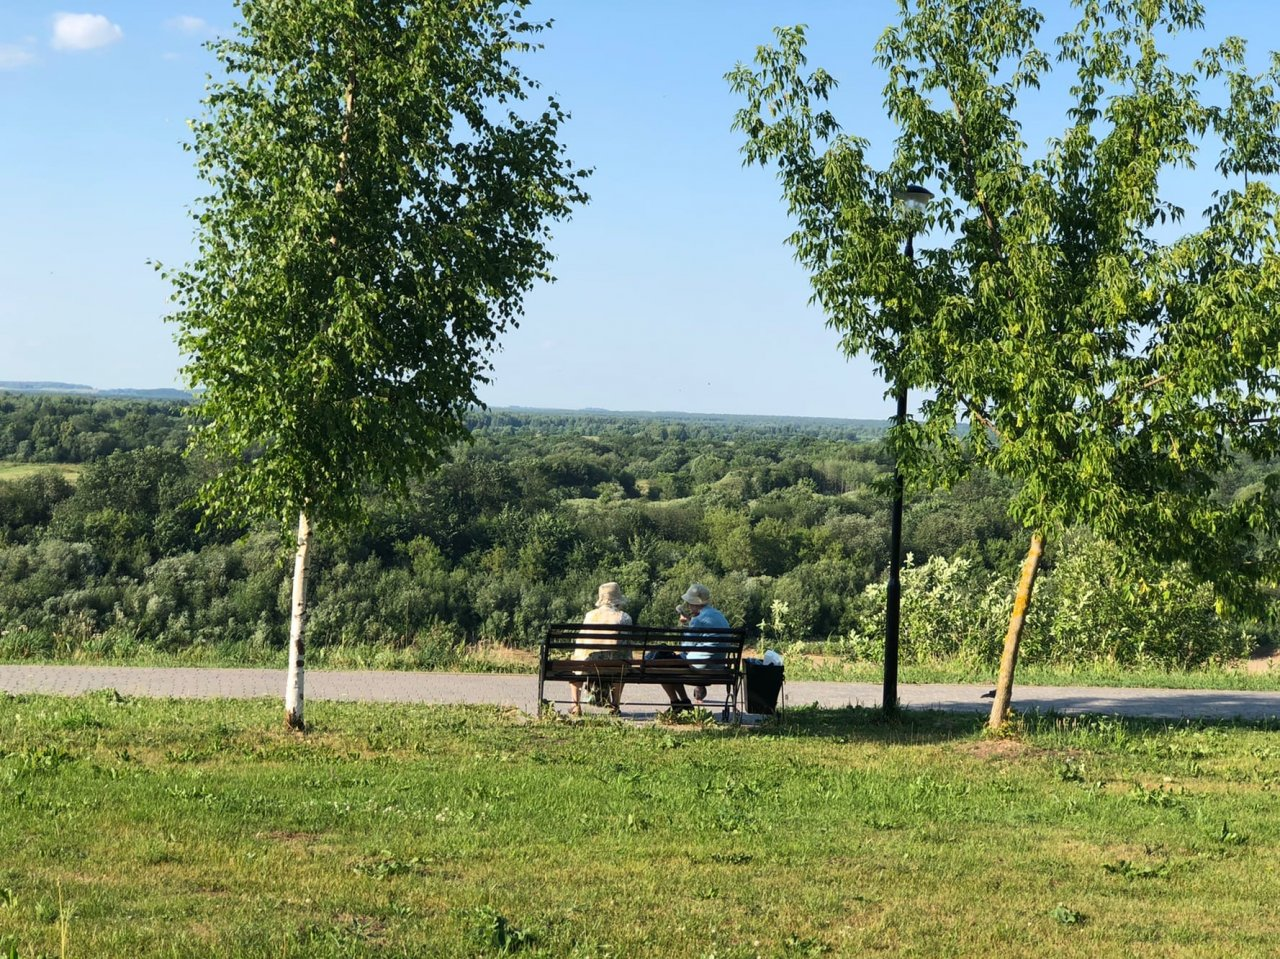 В Кировскую область придет бабье лето: синоптик опубликовал прогноз погоды